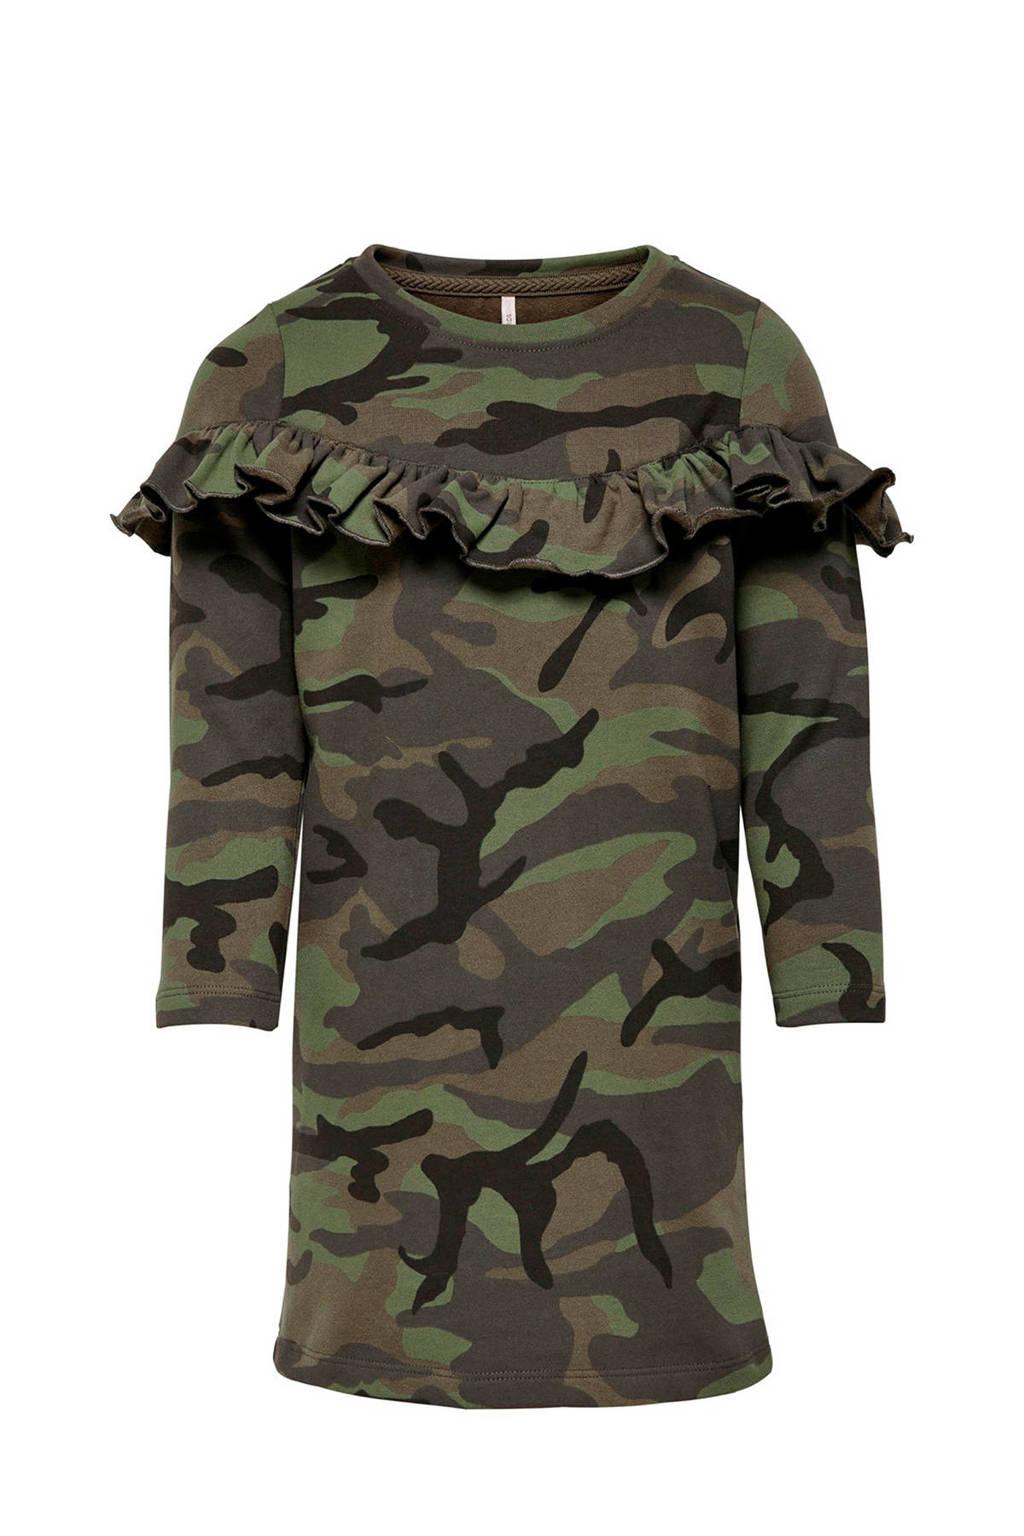 KIDS ONLY sweatjurk Camo beat met camouflageprint en volant groen/lichtgroen, Groen/lichtgroen